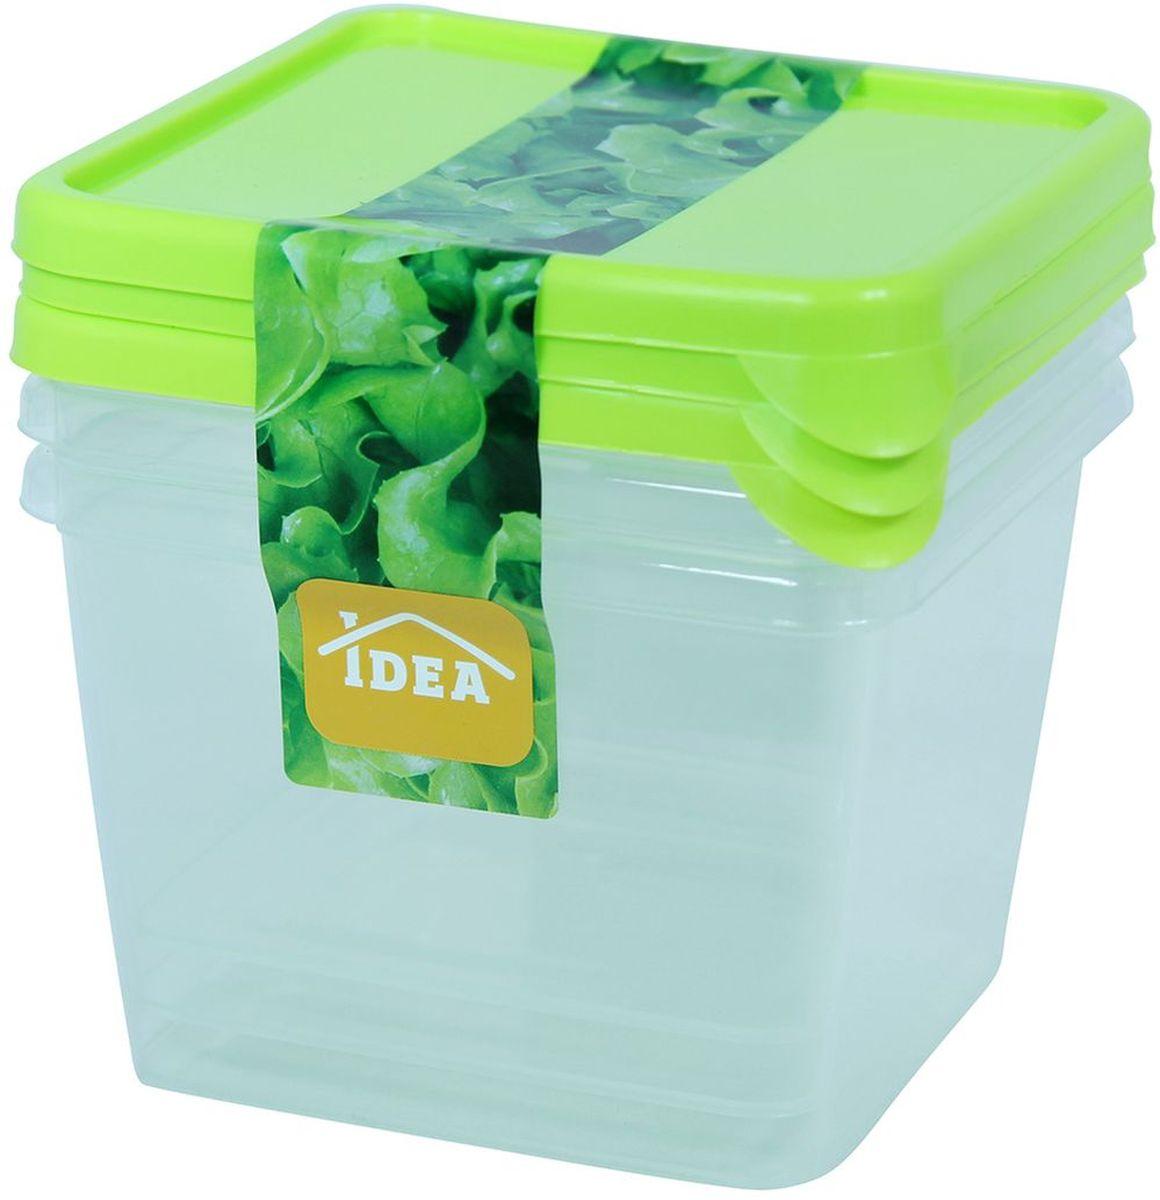 """Набор """"Idea"""" состоит из 3 контейнеров, выполненных из высококачественного  пластика. Изделия идеально подходят для хранения различных продуктов.   Набор контейнеров """"Idea"""" можно мыть в посудомоечной машине. Можно  использовать в  микроволной печи и холодильнике."""